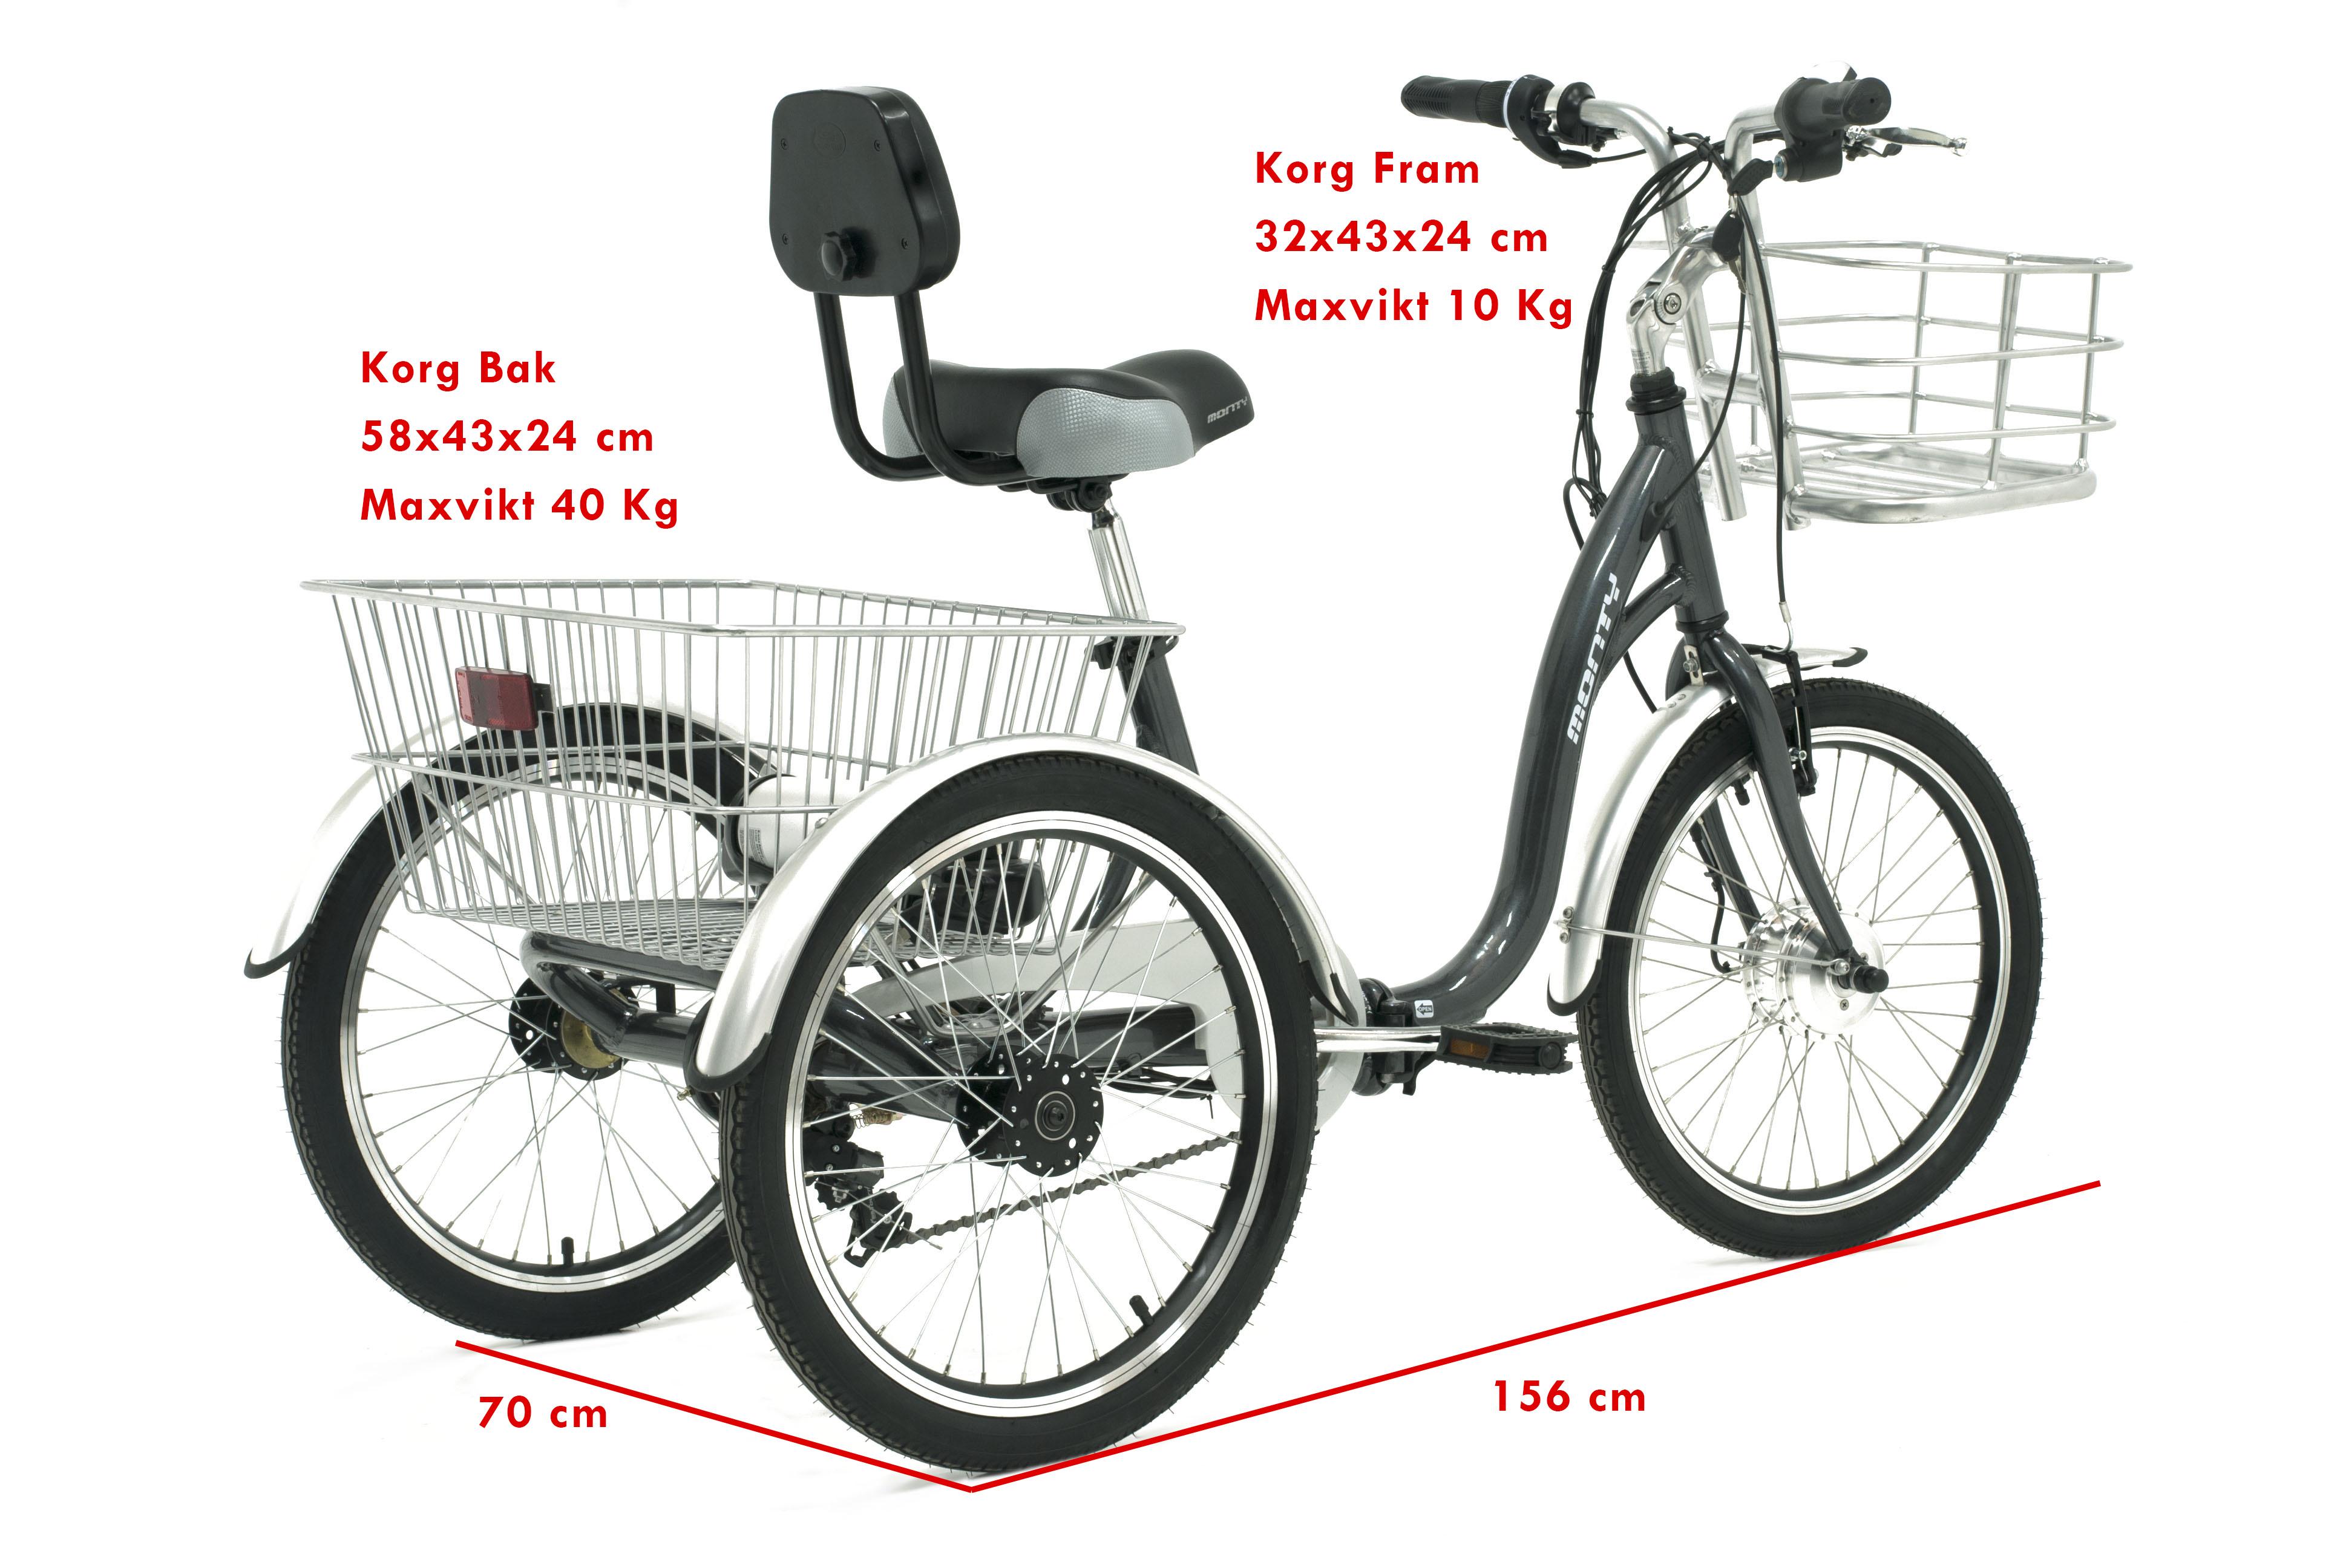 trehjulig cykel för vuxna